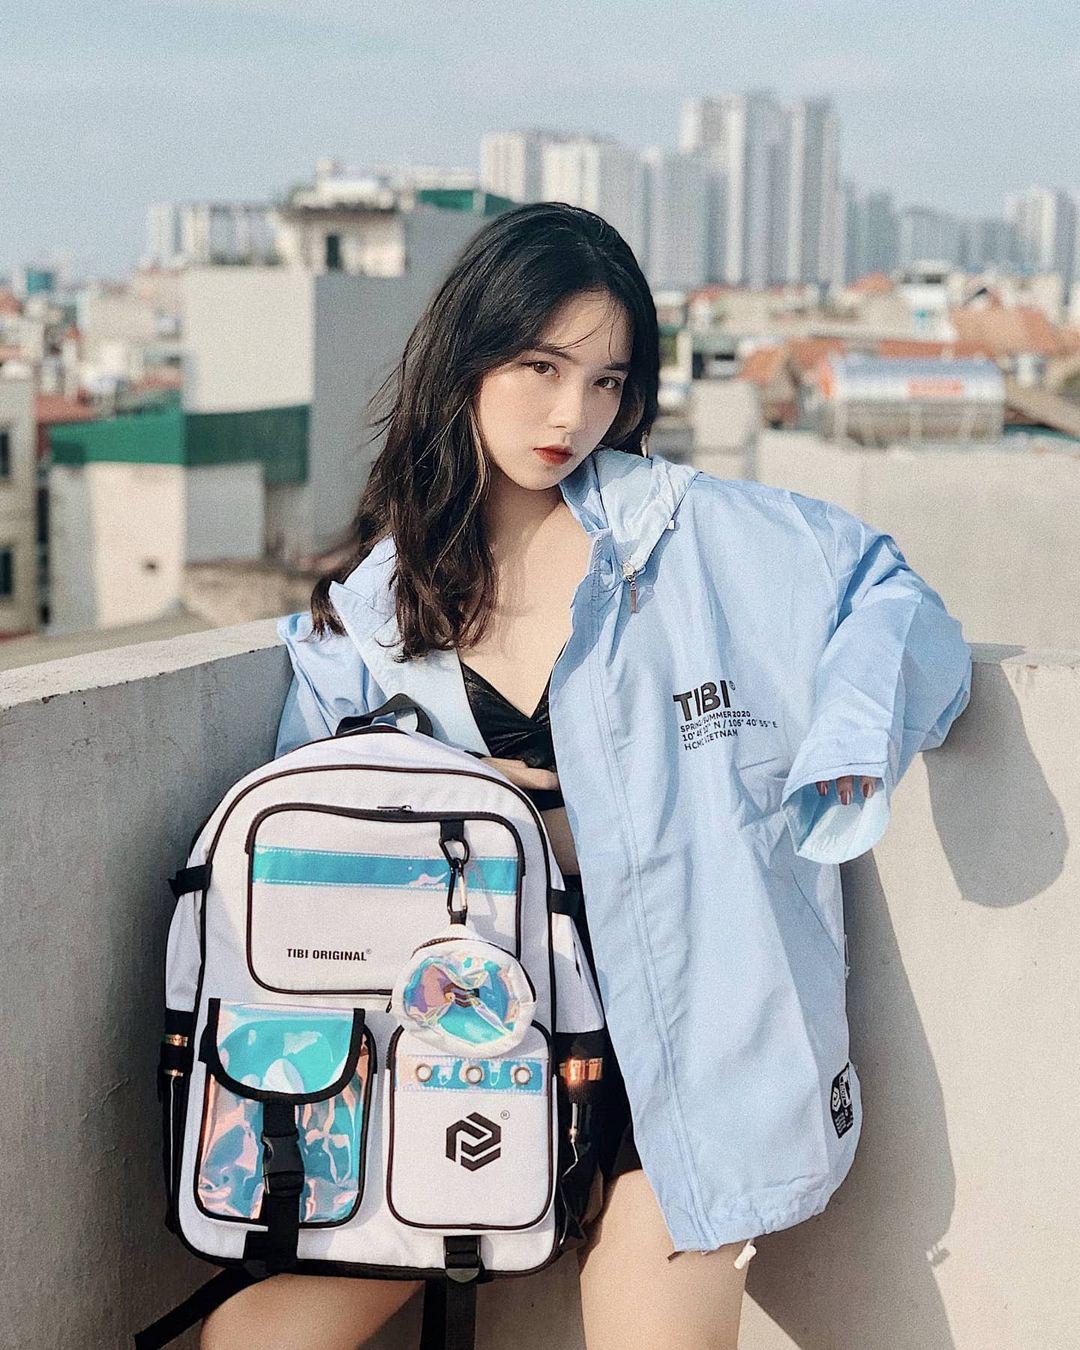 Áo khoác Local brand là gì?